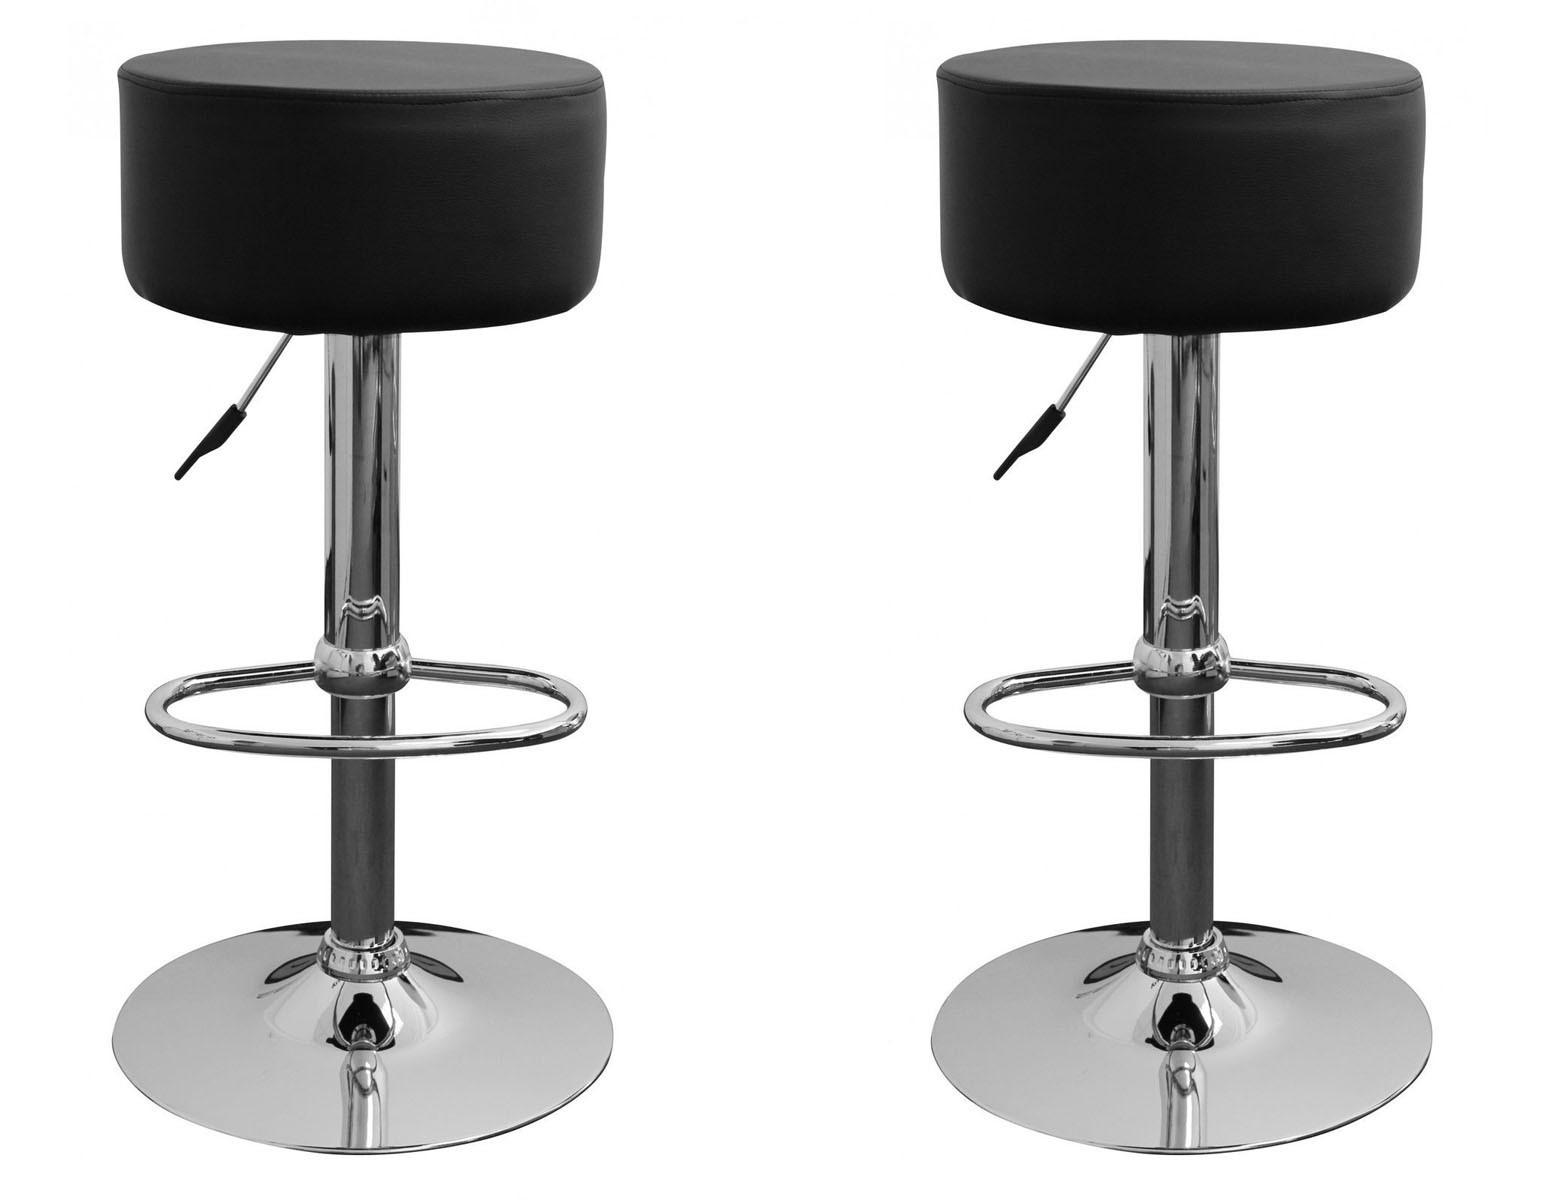 Sgabello bar design ester sgabello bar stool i porada i casa